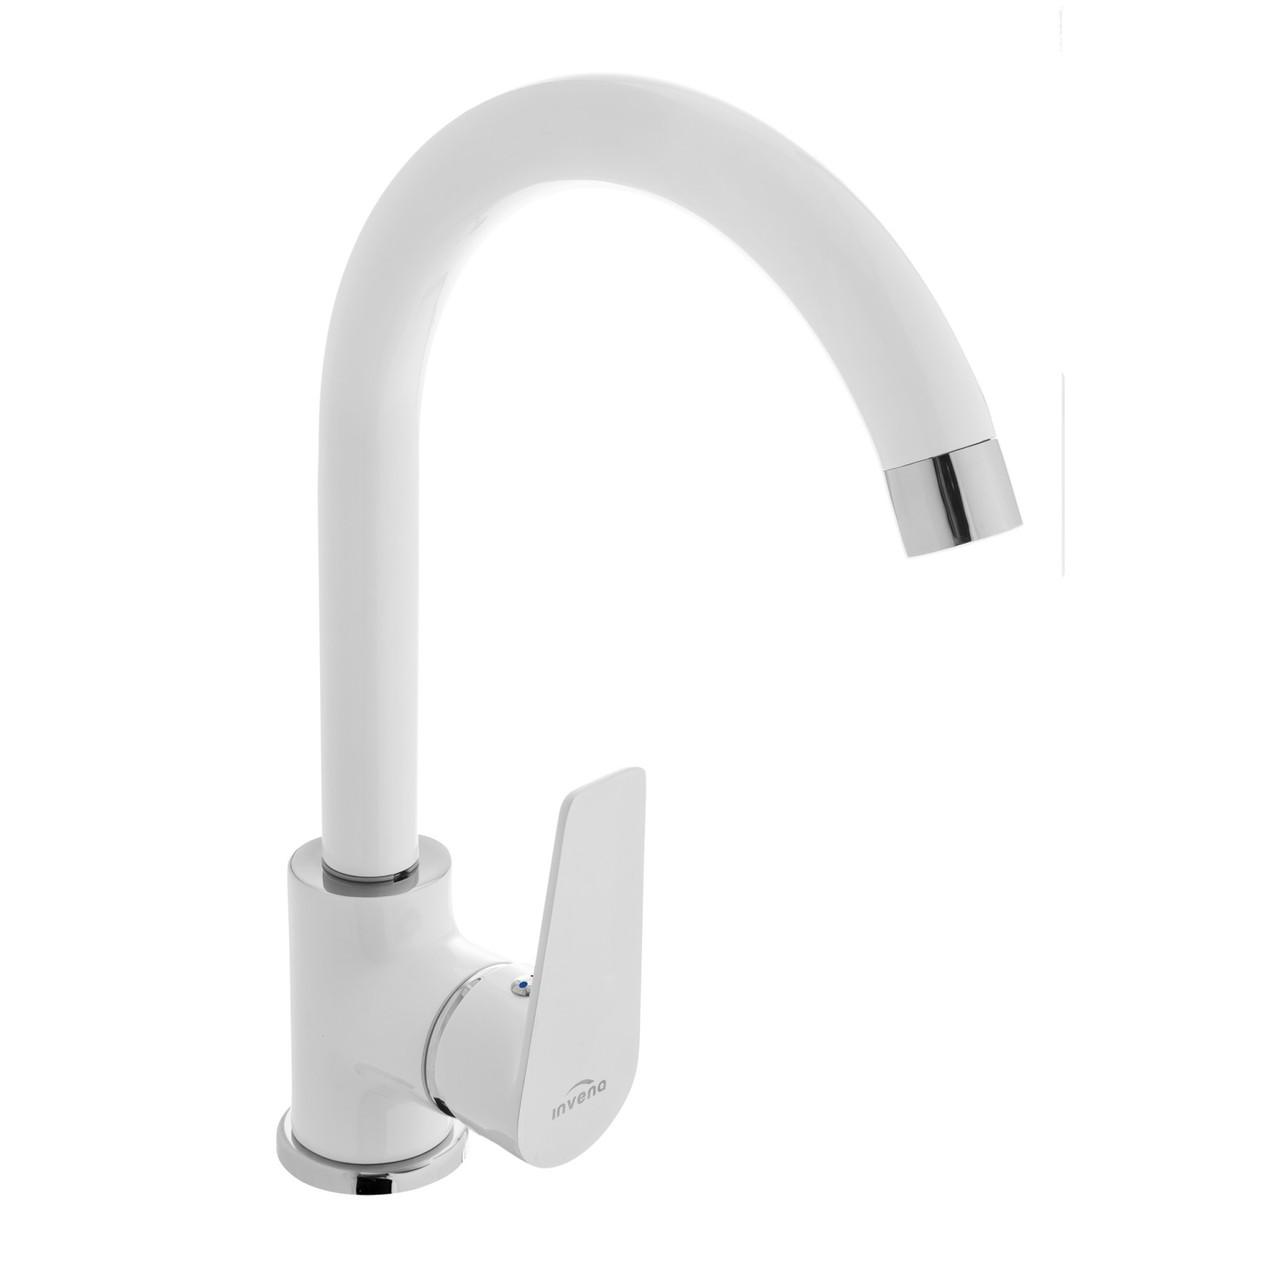 Змішувач для кухні Invena Dokos BZ-19-002 білий